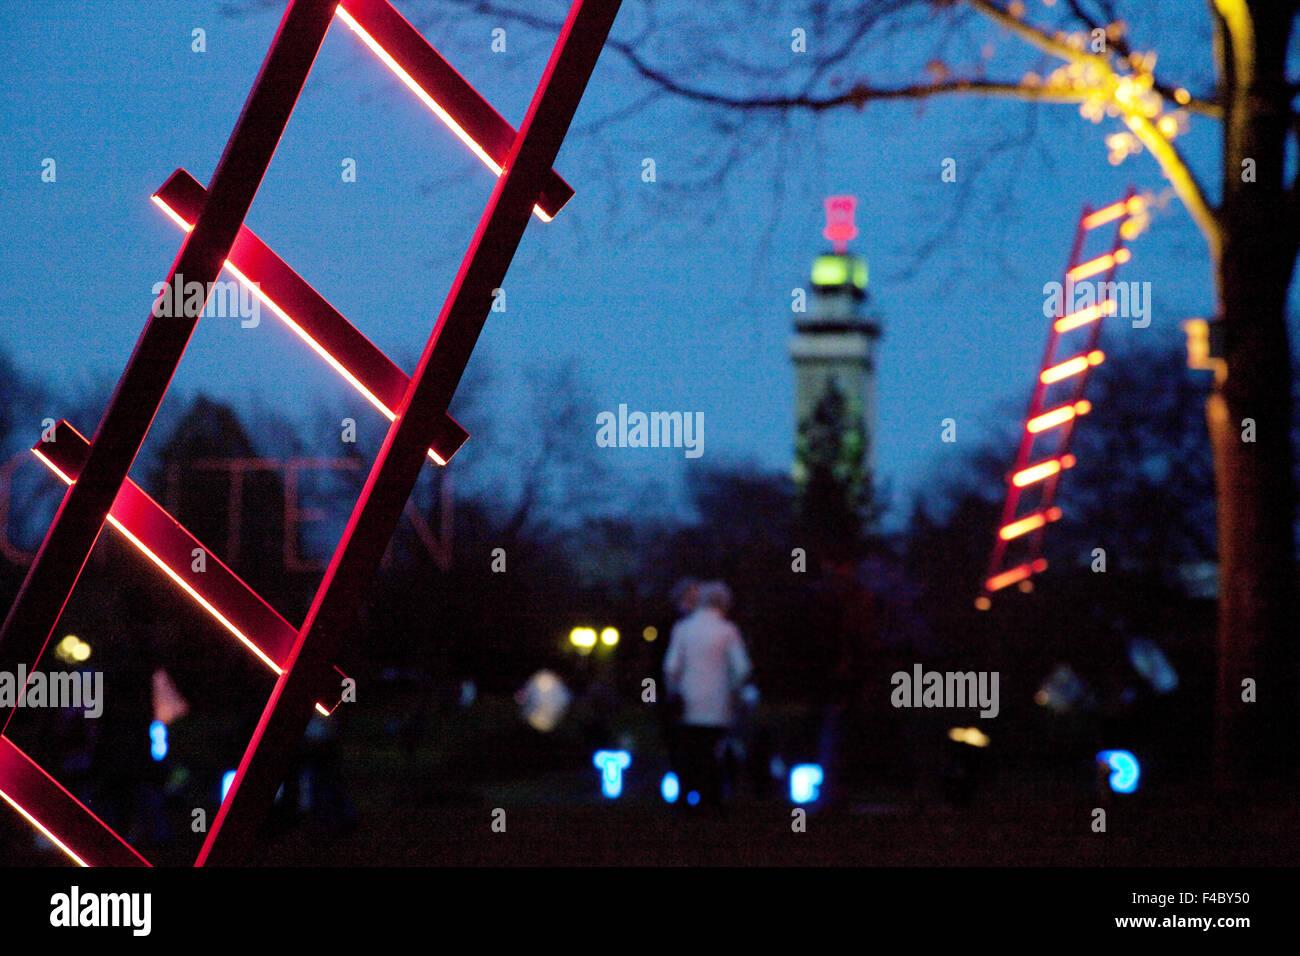 Parking lights, Grugapark, Essen, Germany - Stock Image